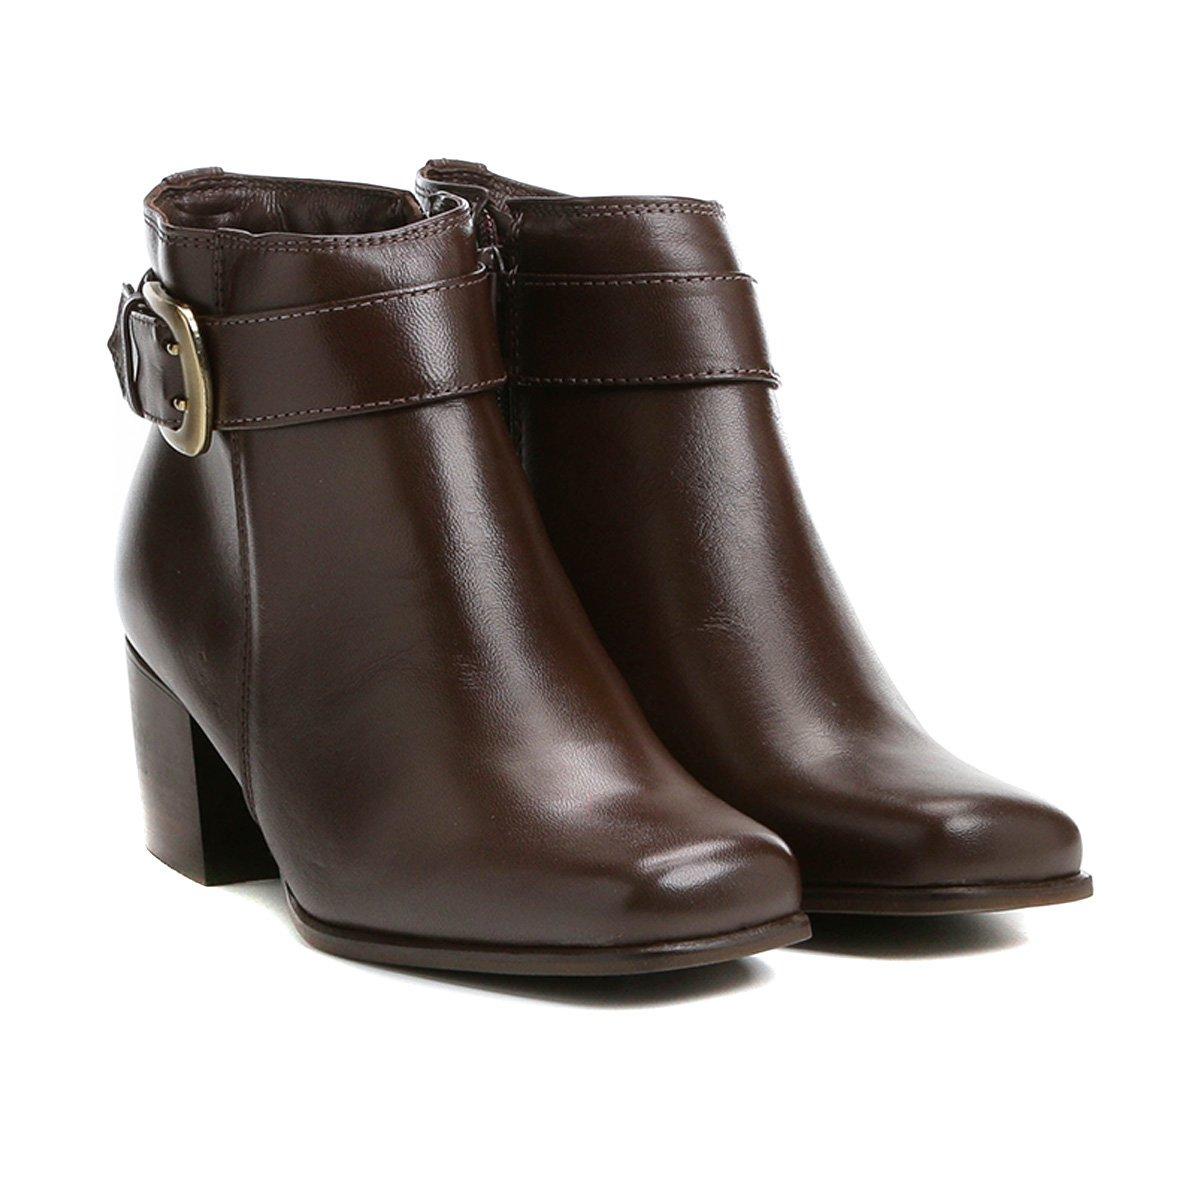 ae29b384ad Bota Couro Cano Curto Shoestock Bico Quadrado Fivela Feminina - Compre  Agora